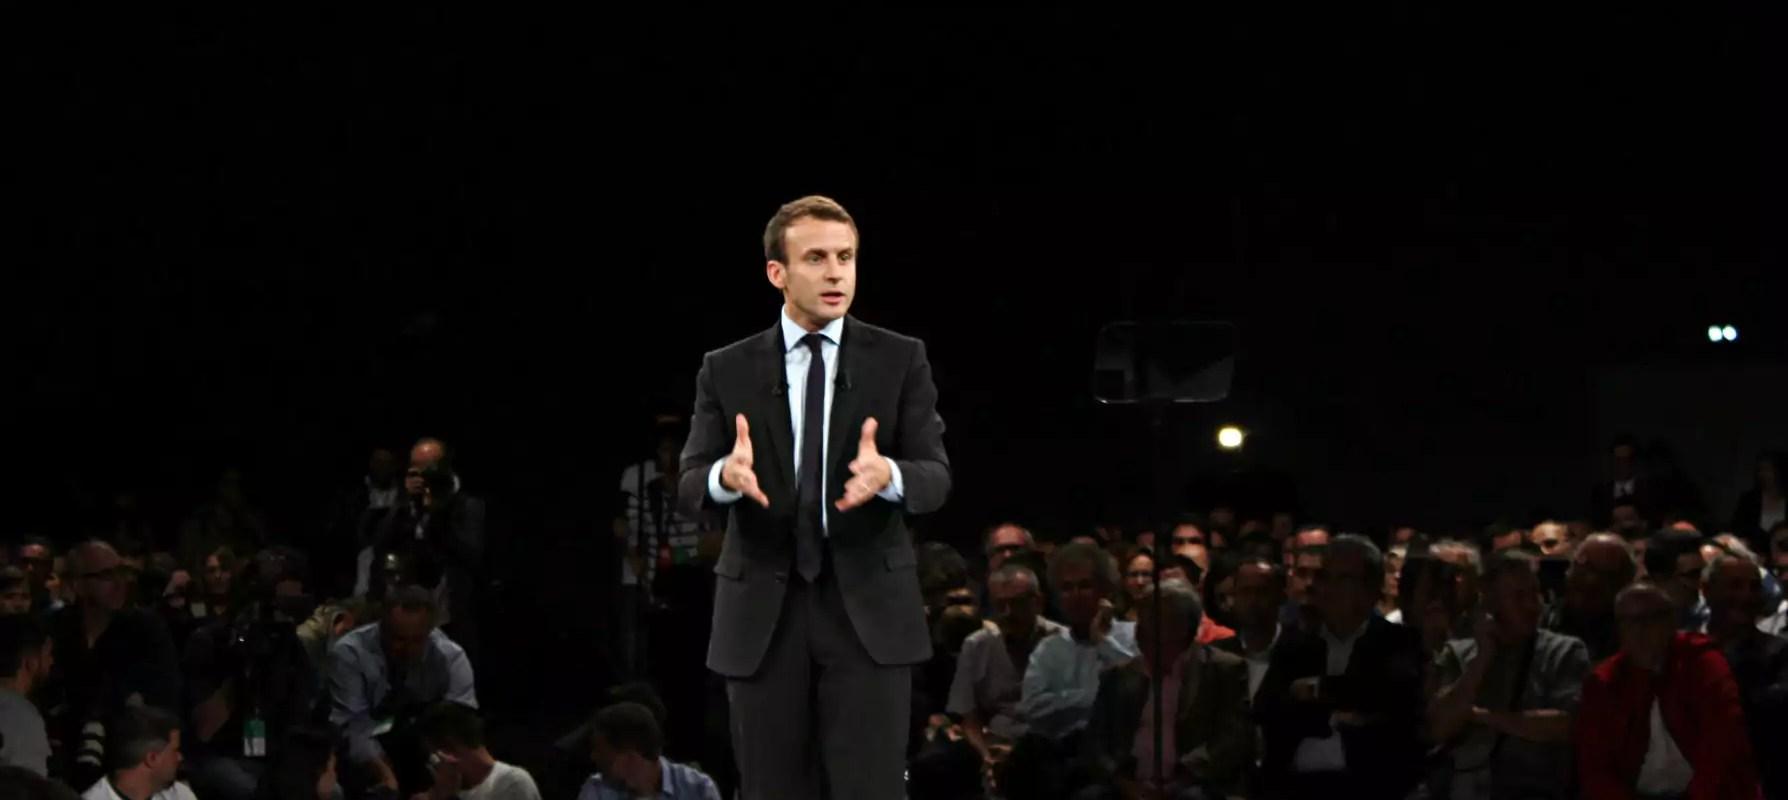 Pas de promo d'ami pour le candidat Macron à Strasbourg